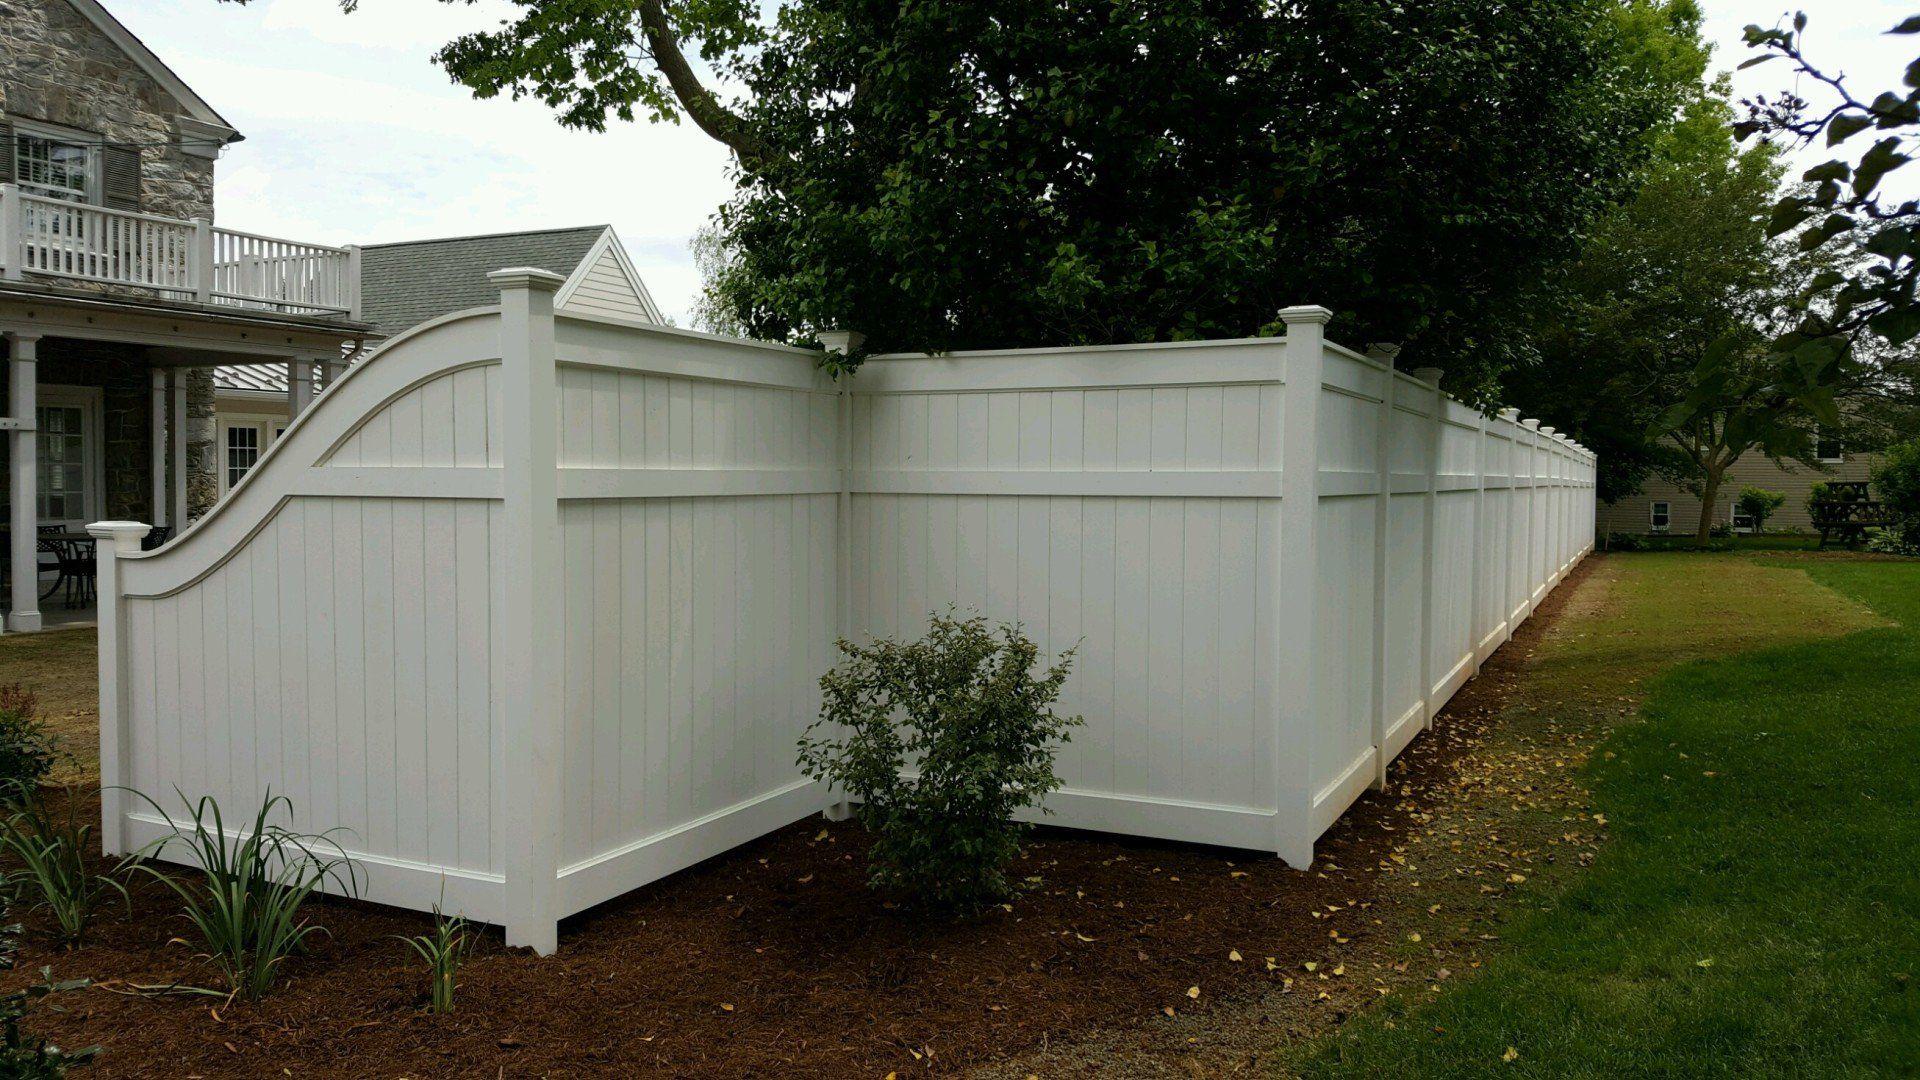 AZEK Solid Cellular PVC Fencing   Millcreek Fence & Decks LLC